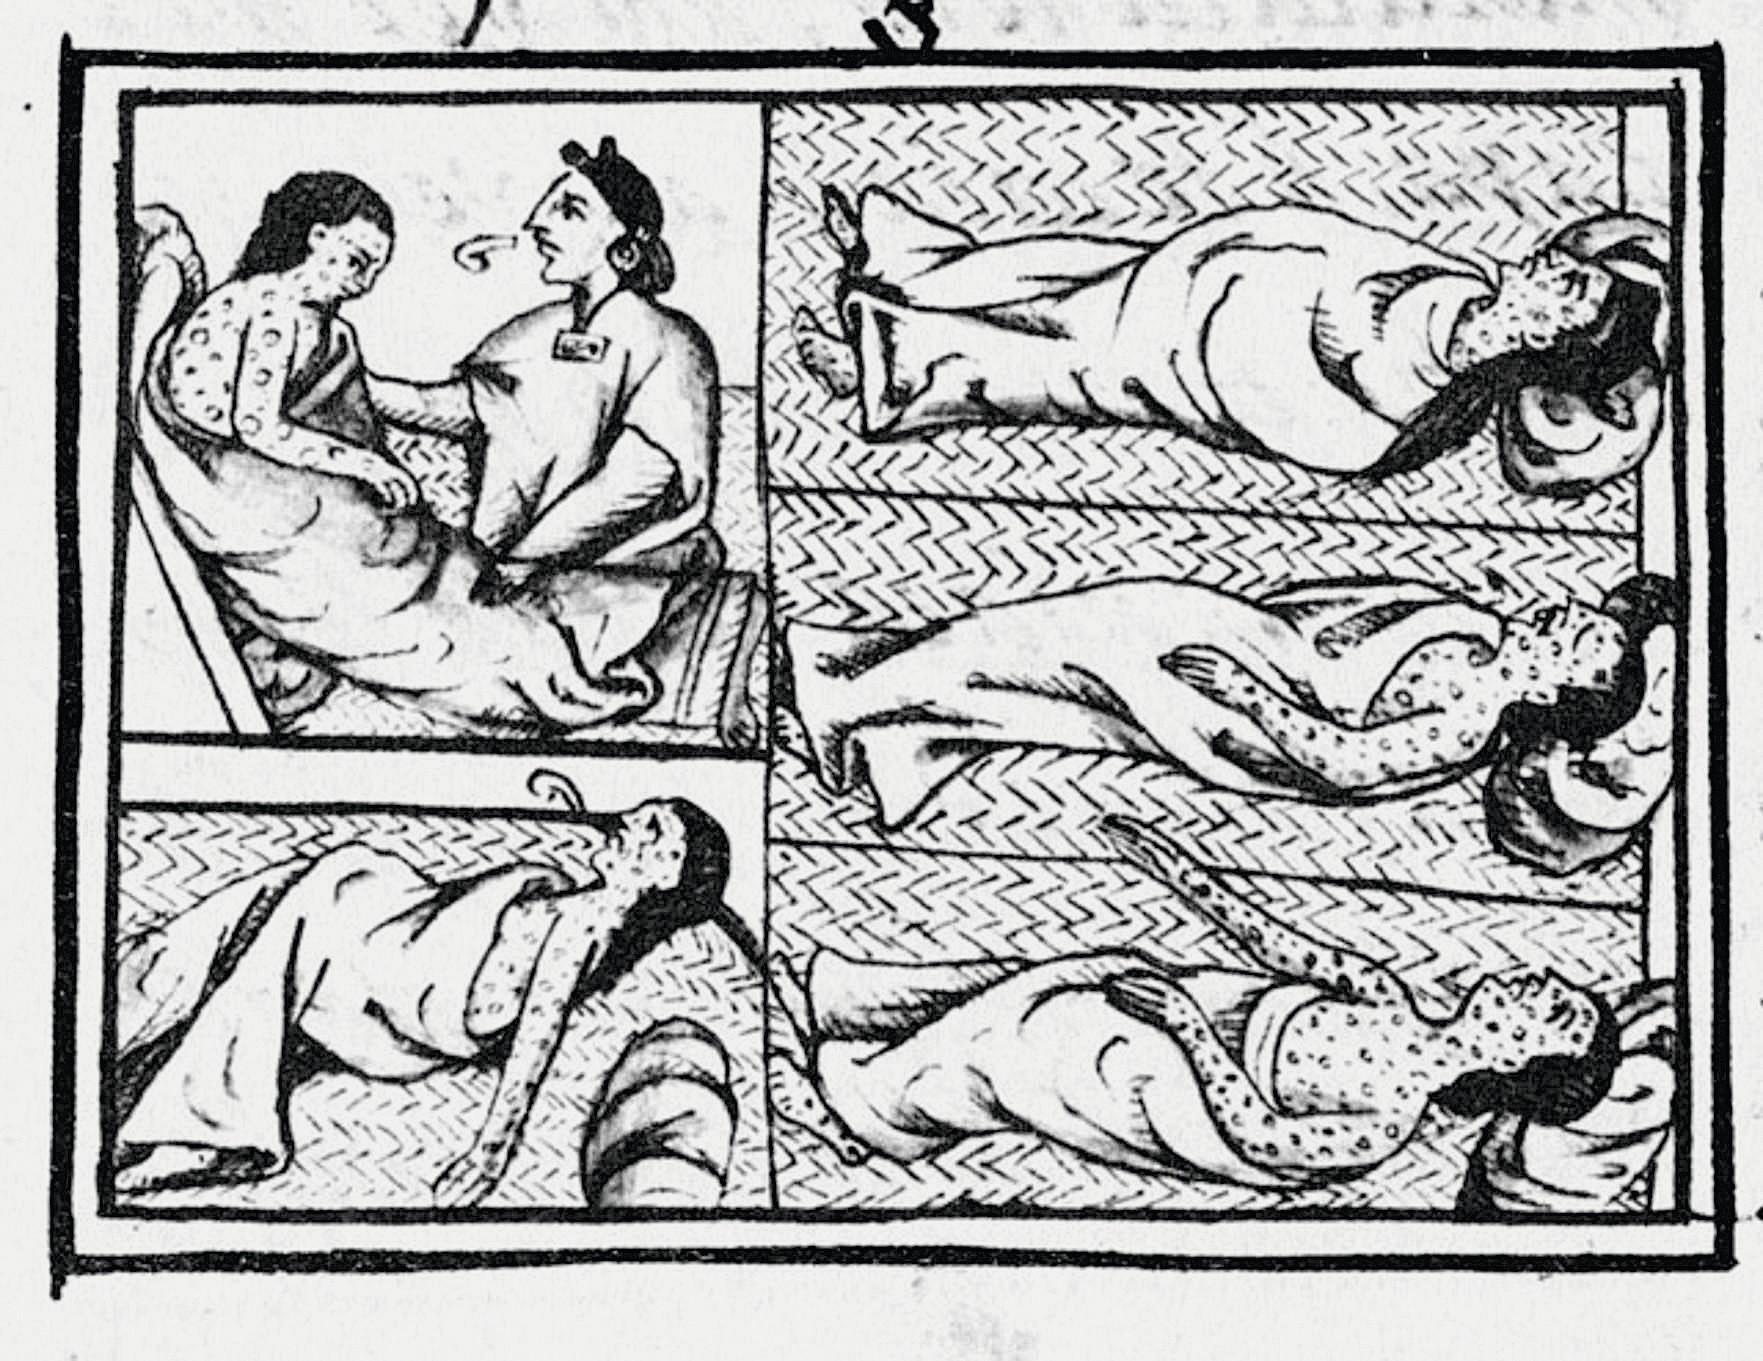 Codex de Florence, troisième quart du XVIe siècle, dessin, bibliothèque Laurientiana, Florence